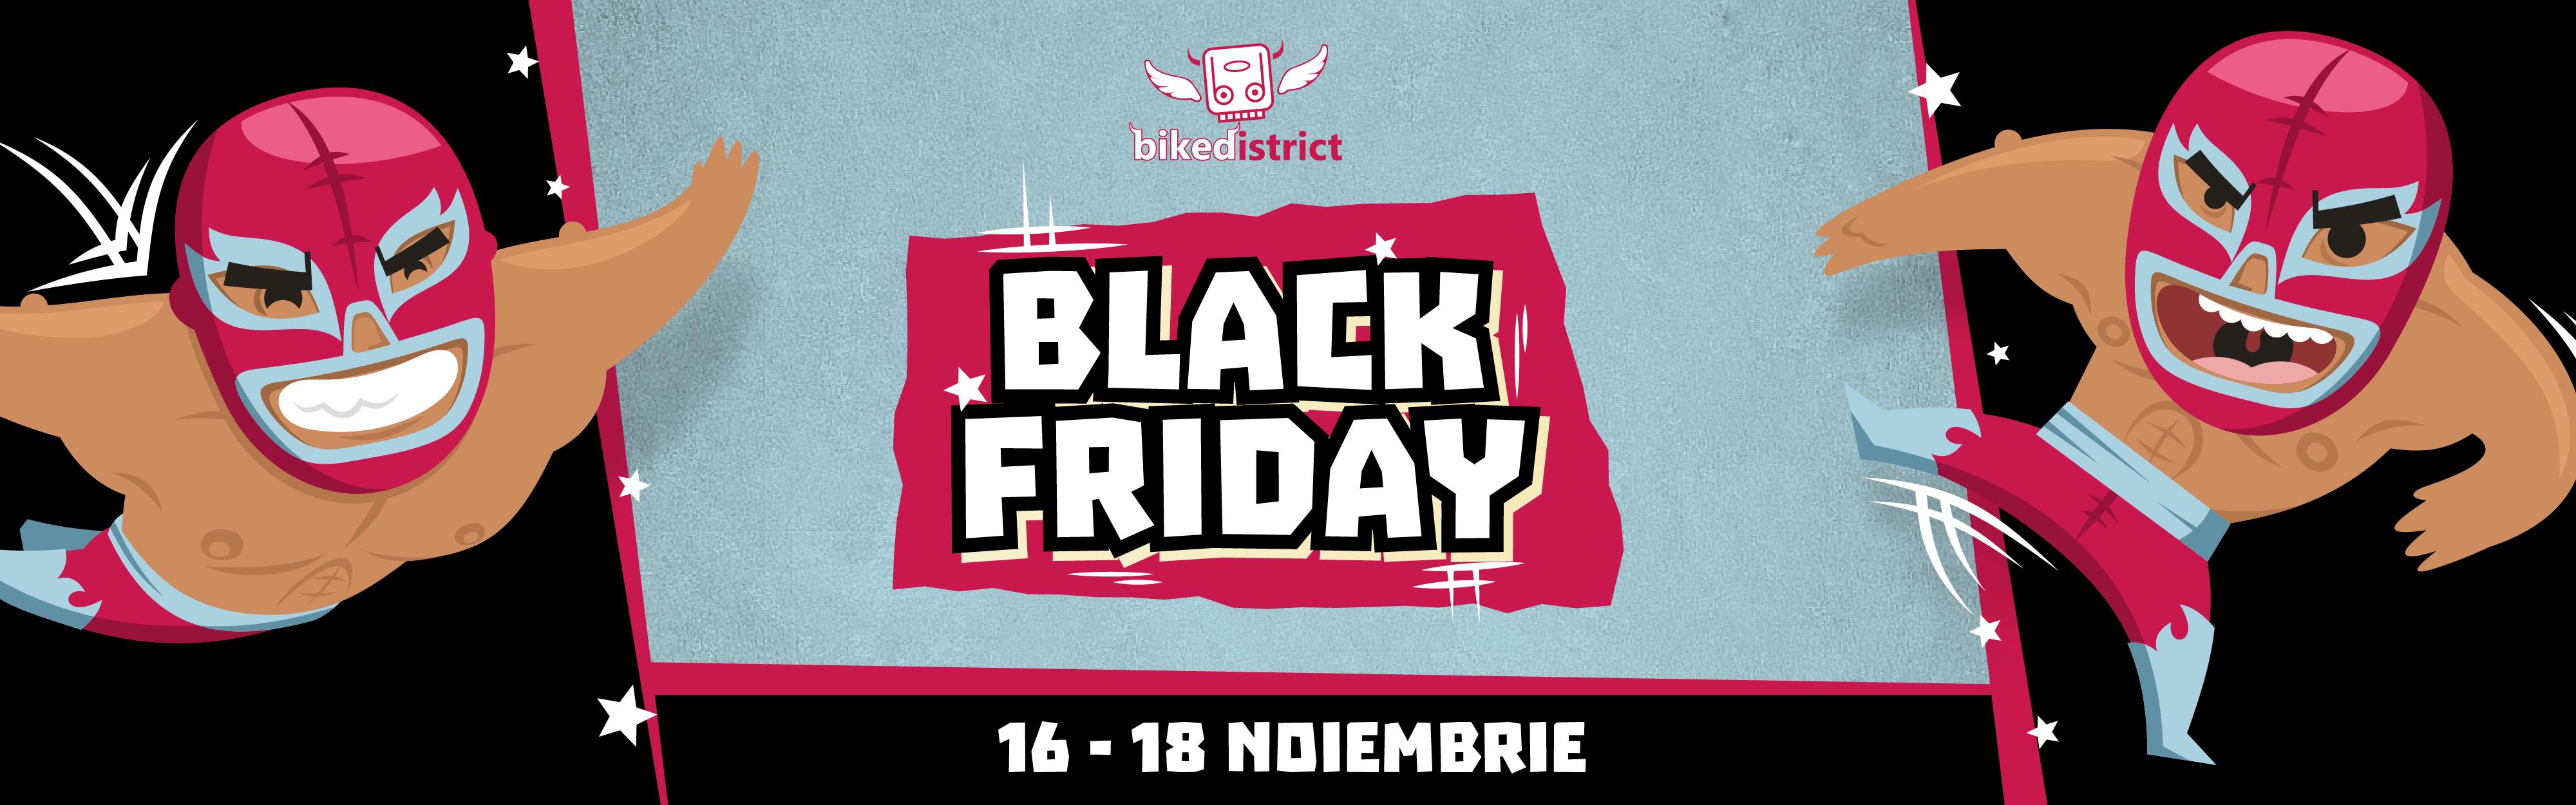 Black Friday 2k18